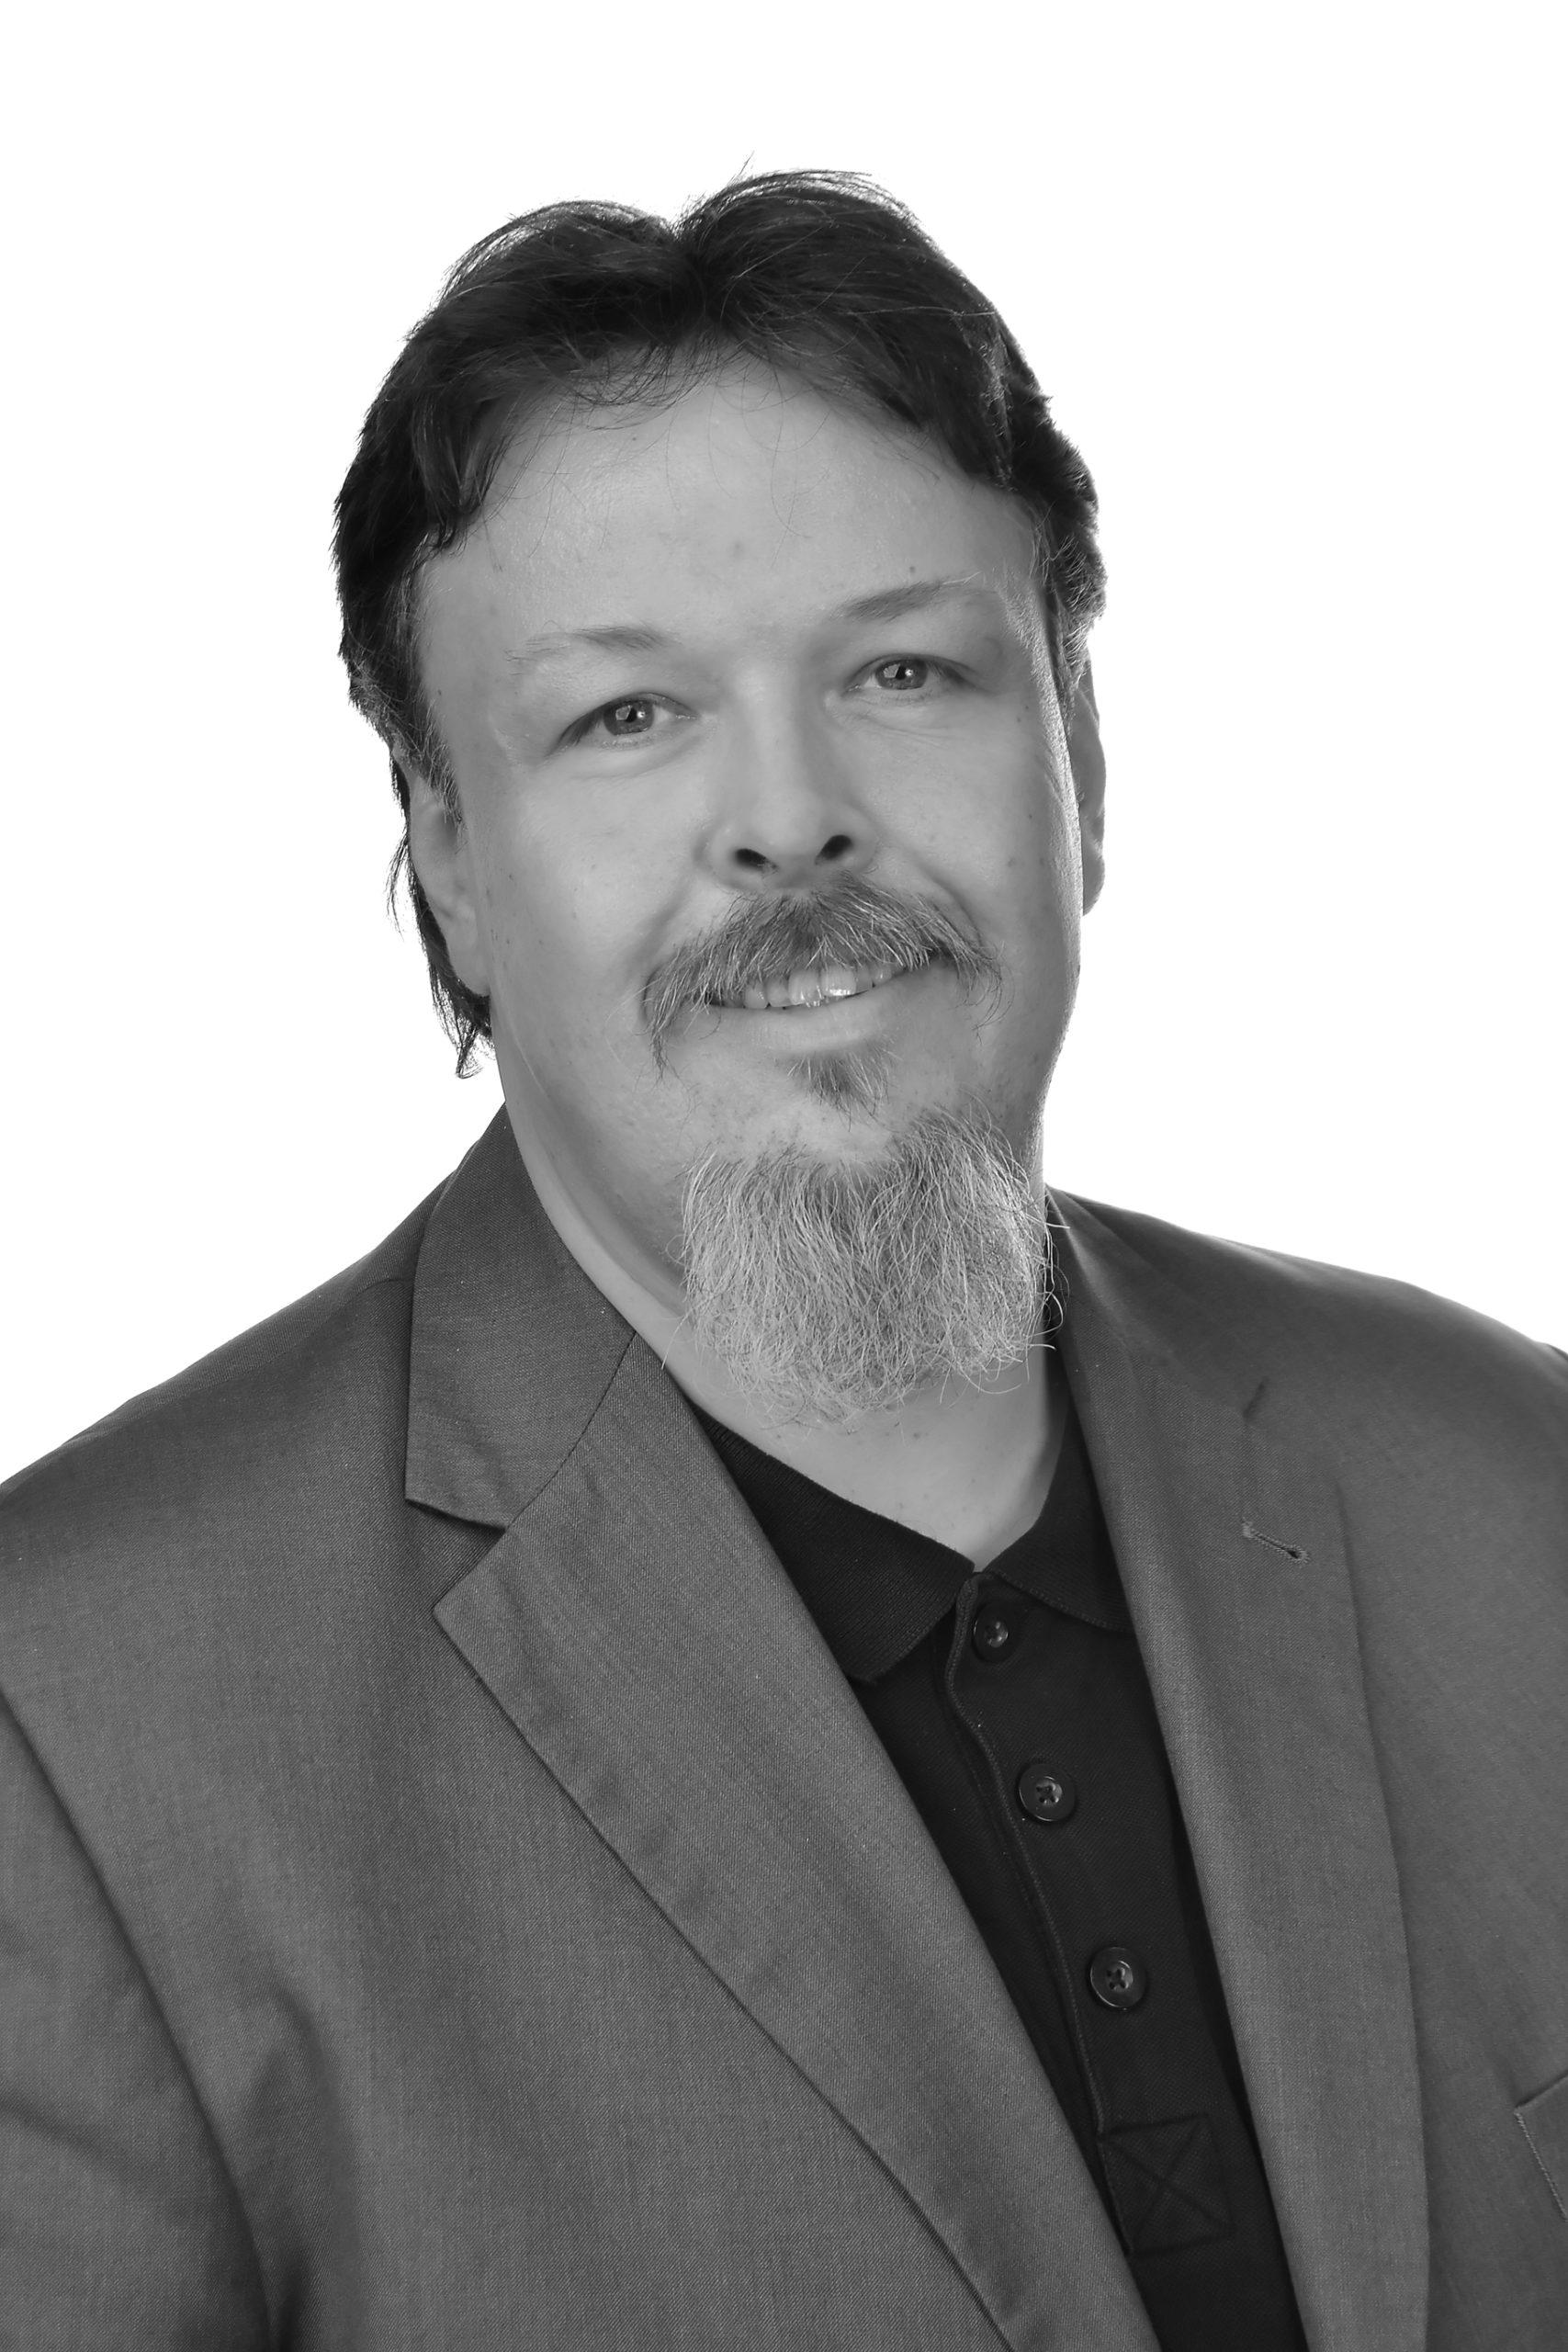 Richard Obitz